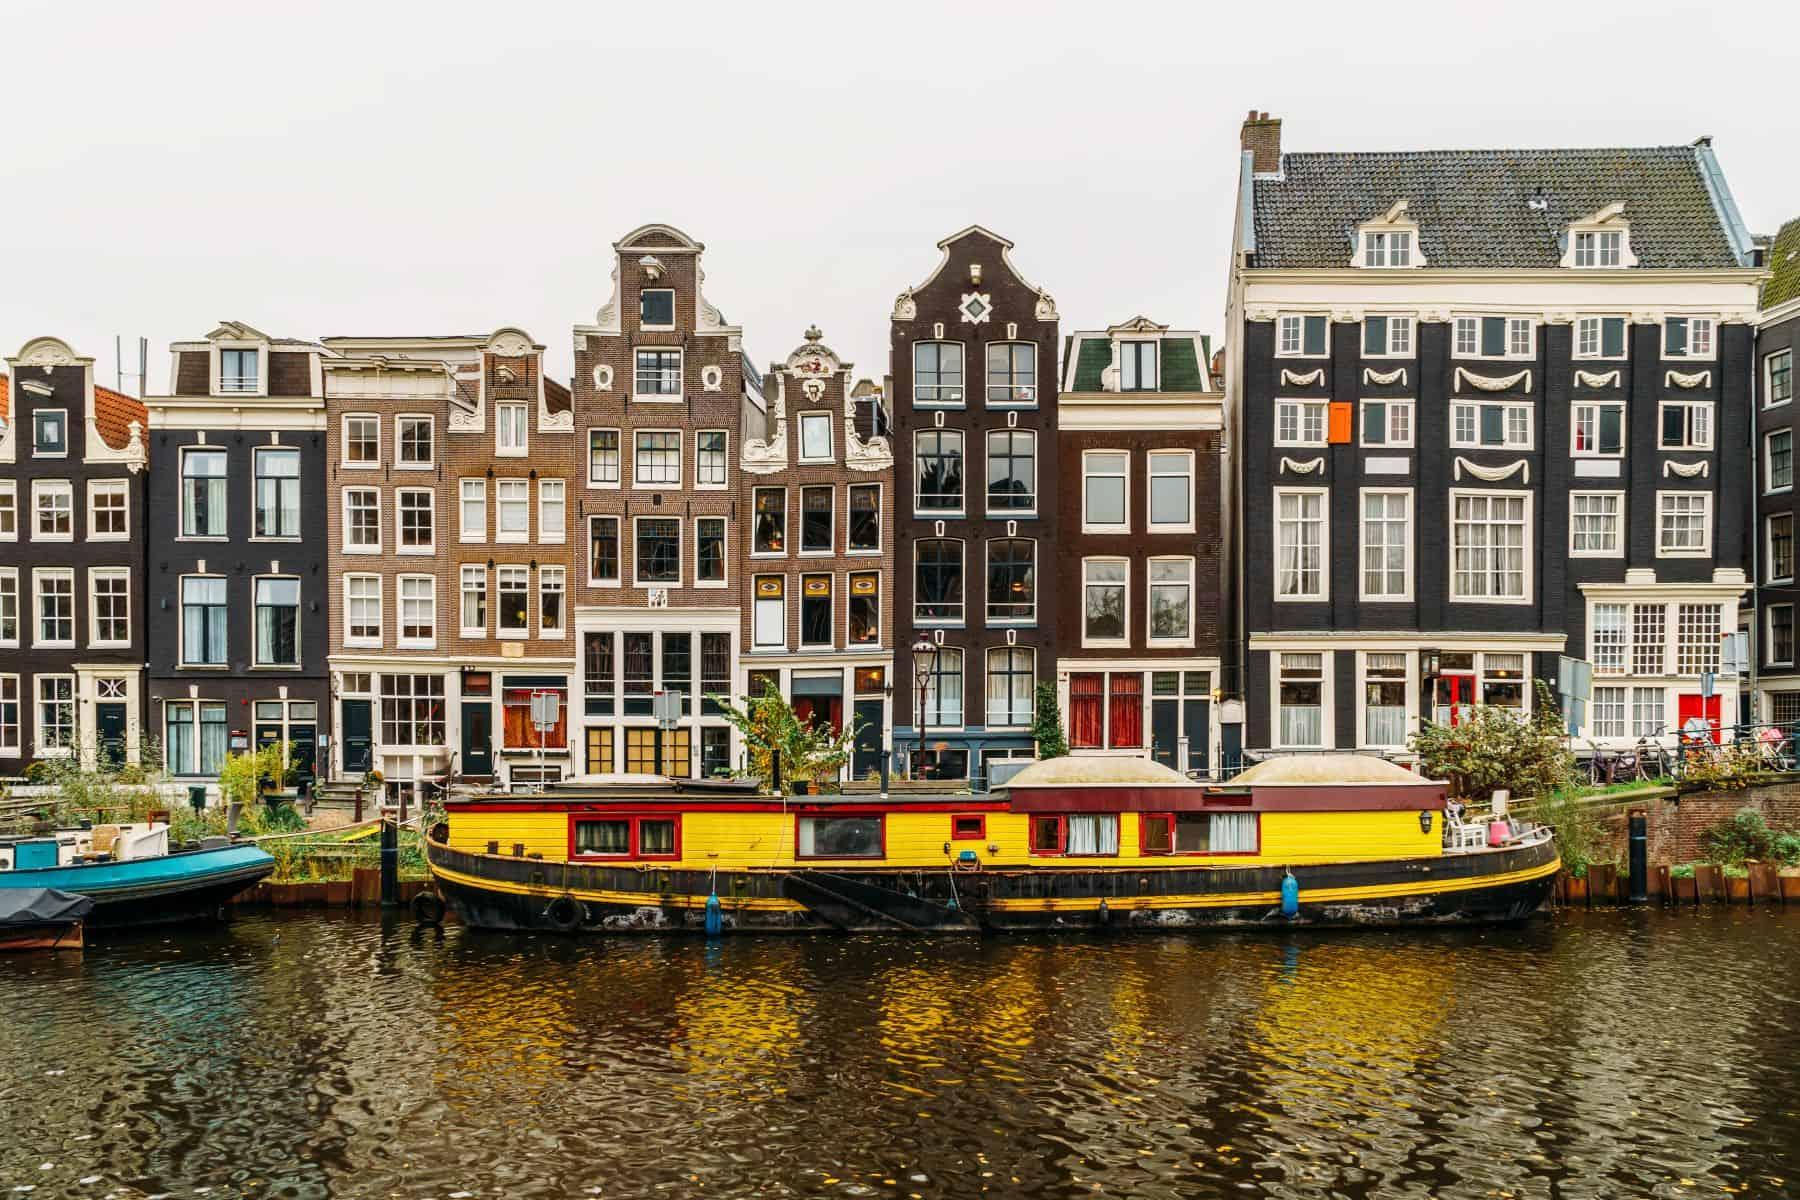 casele pe apa din amsterdam